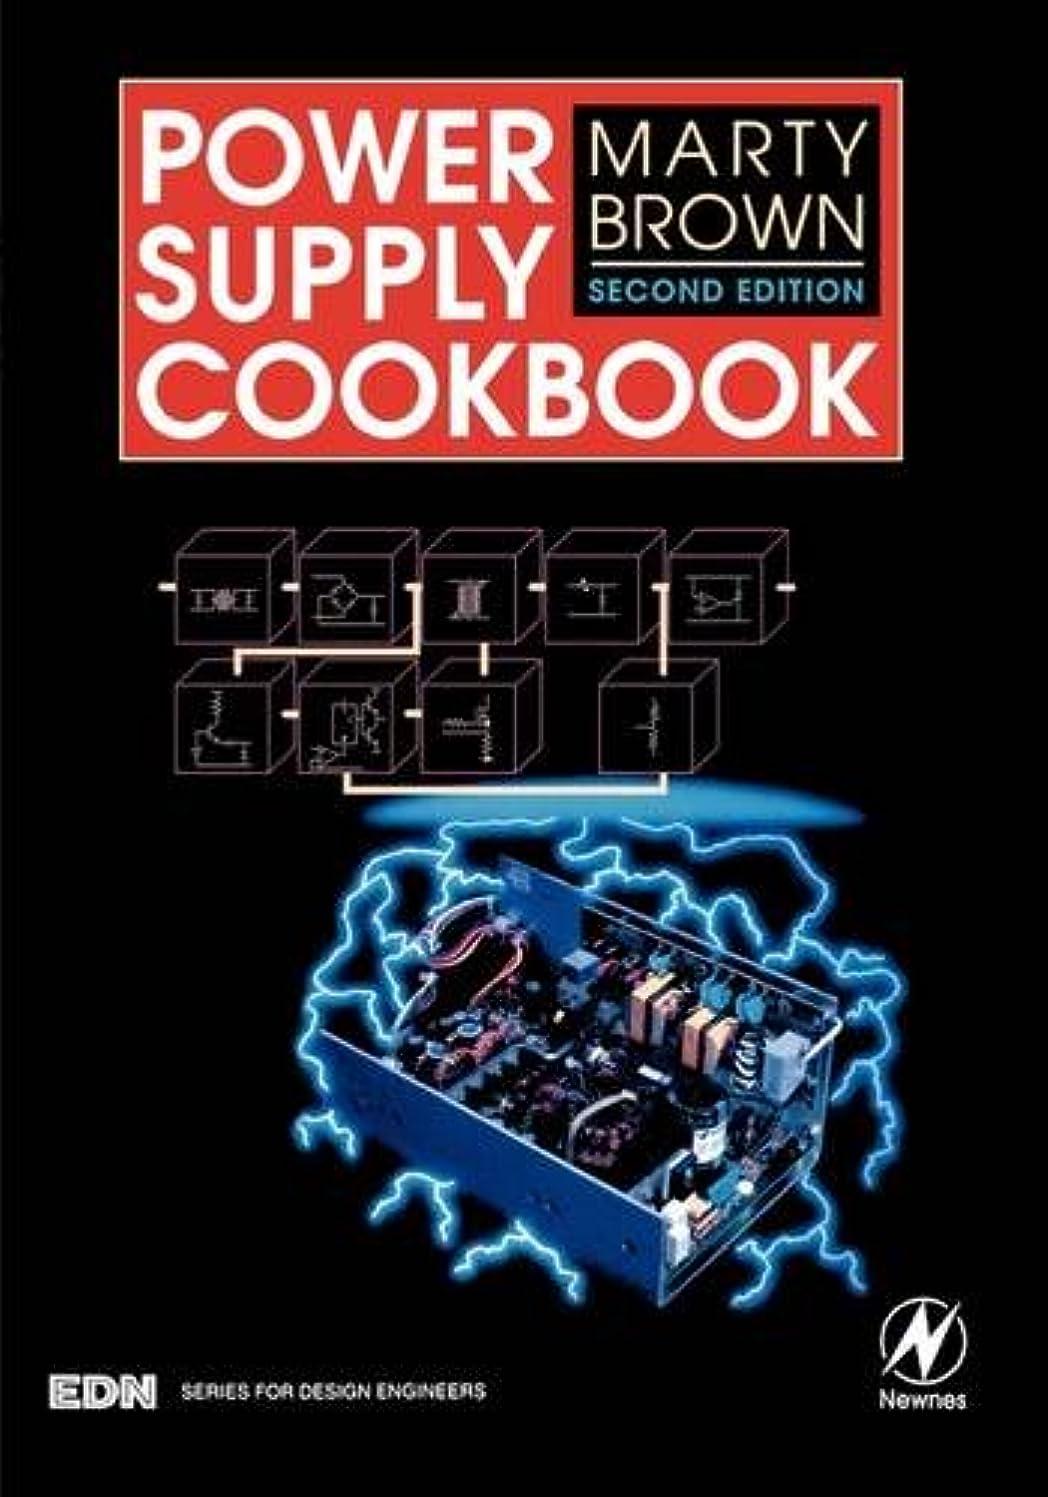 プレート一般化する特徴づけるPower Supply Cookbook, Second Edition (EDN Series for Design Engineers)